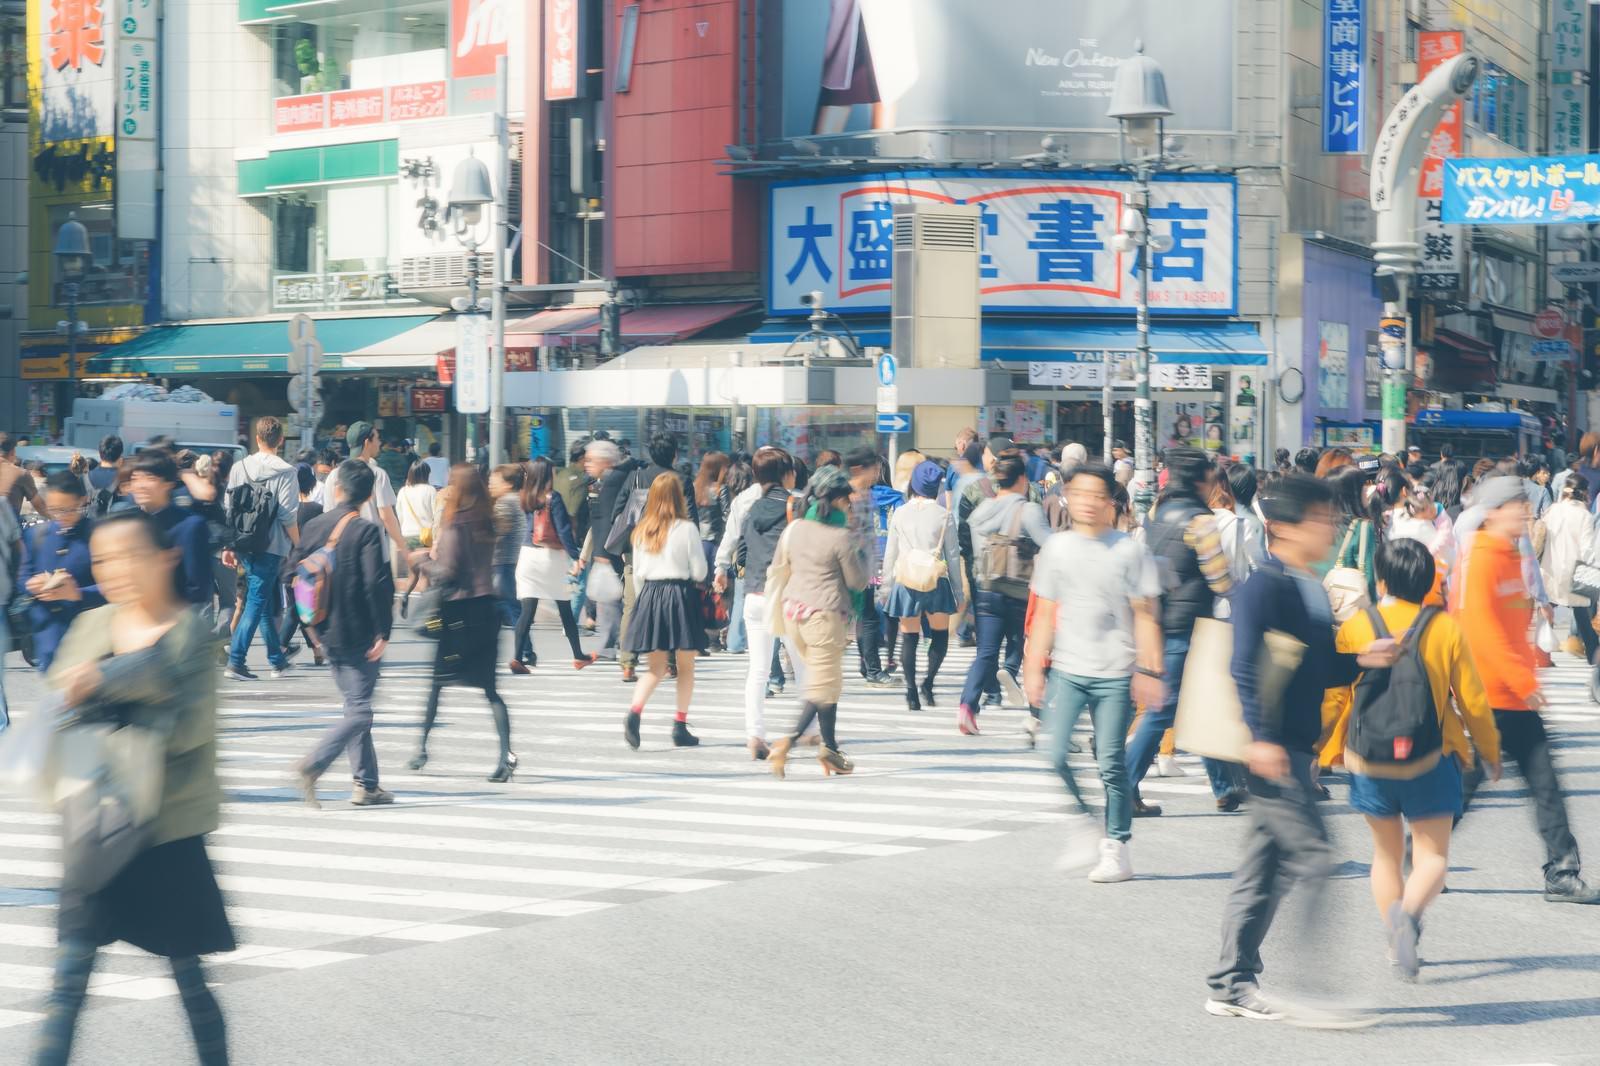 「渋谷駅前のスクランブル交差点」